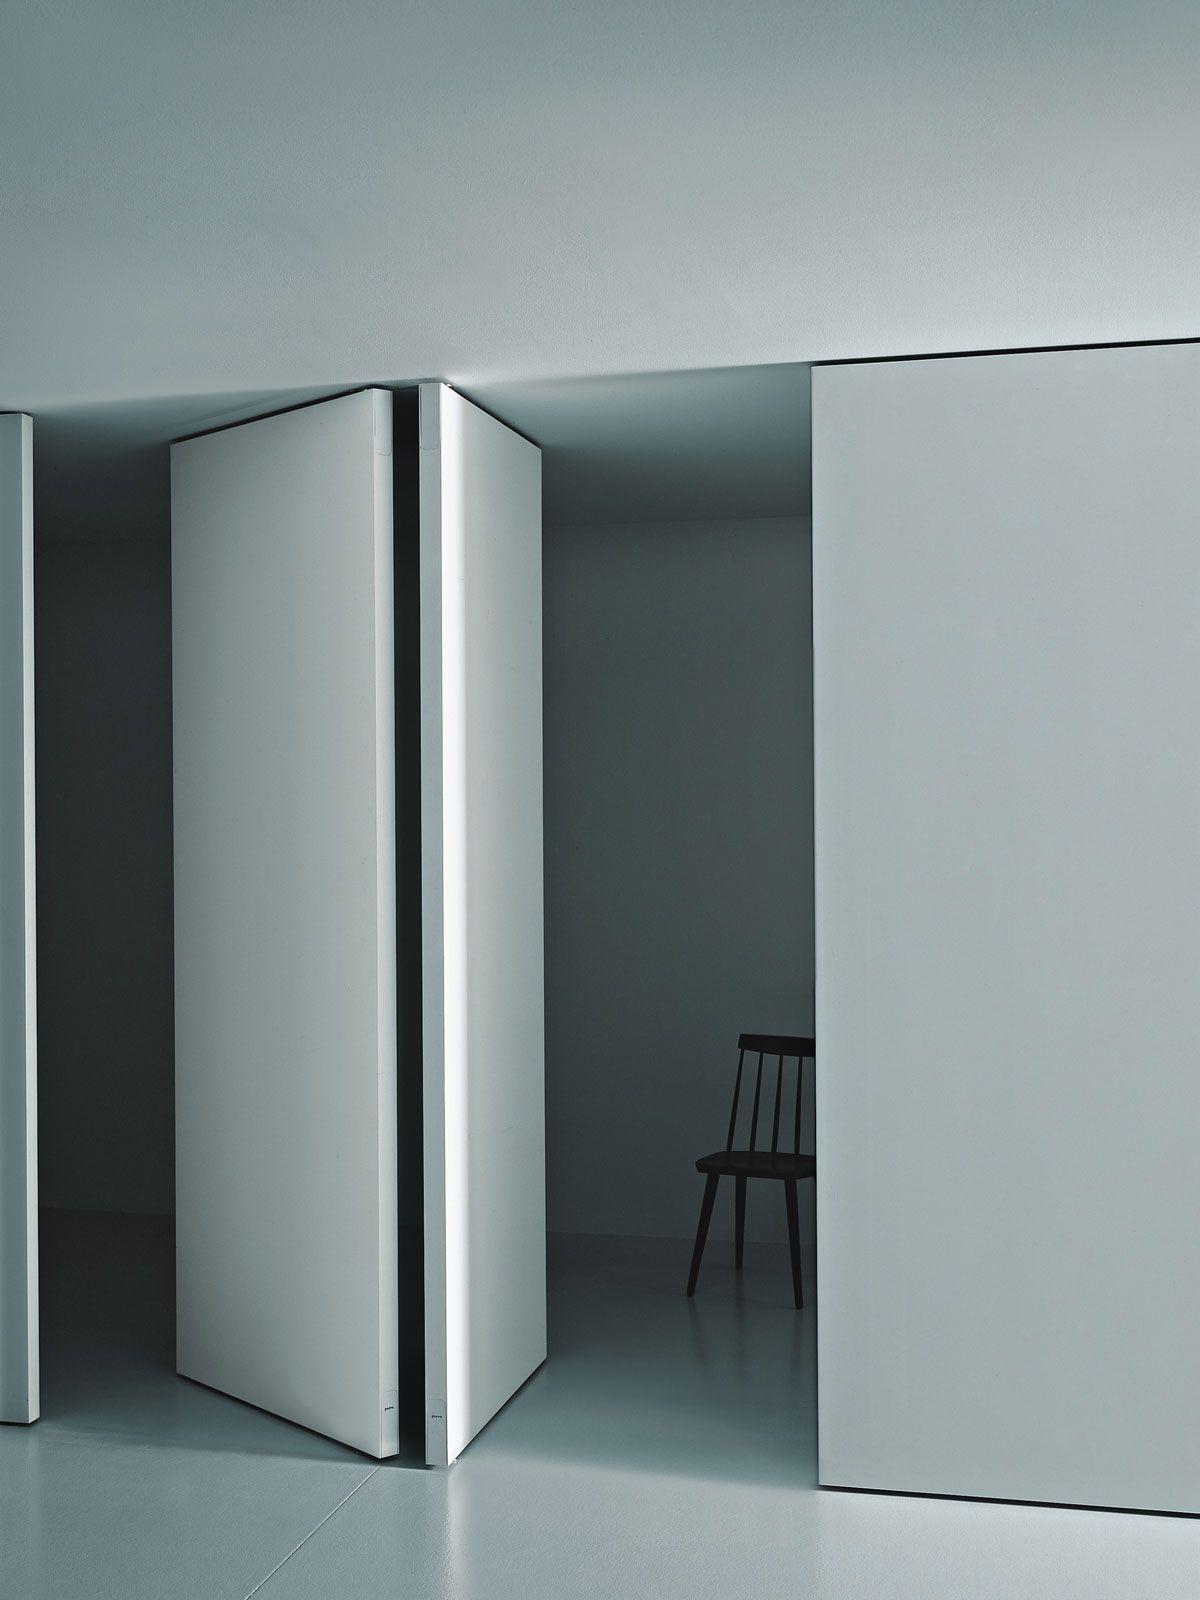 Partition wall PIVOT by Porro design Decoma Design | furniture ...